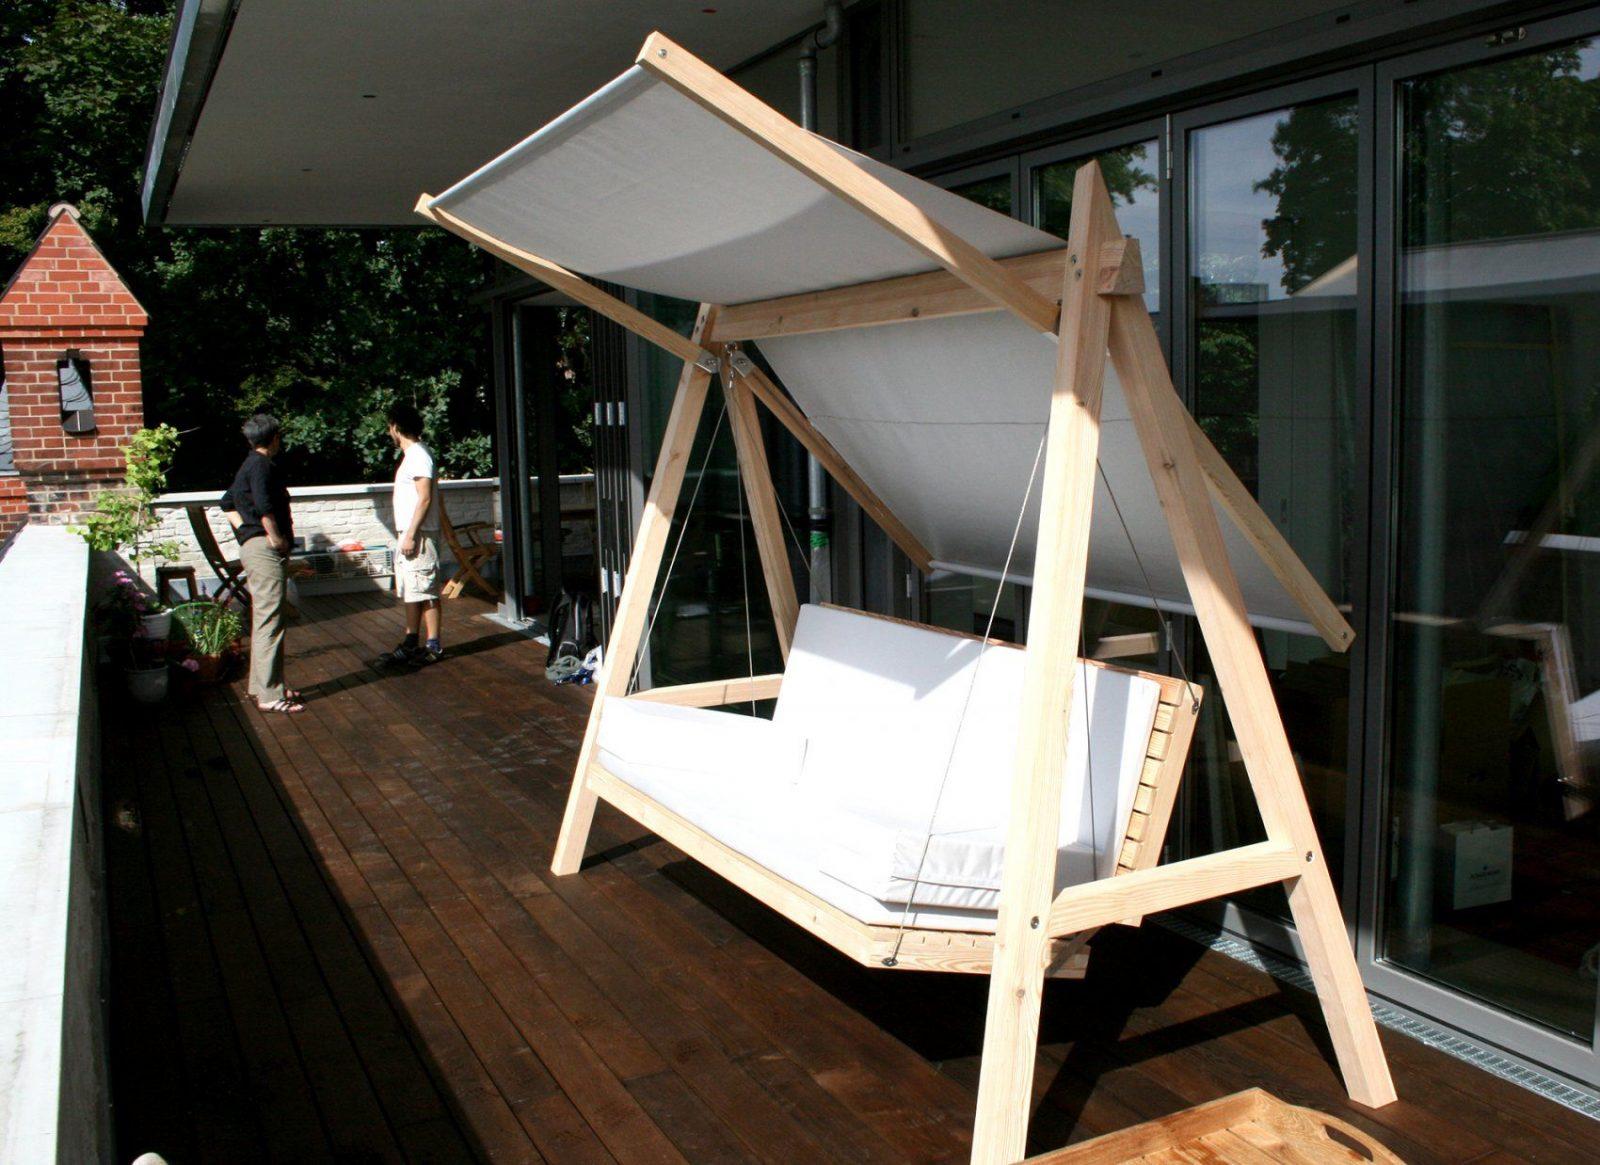 Pool22Hollywoodschaukelgraugrauk02  Pool22 von Hollywoodschaukel Selber Bauen Aus Holz Bild